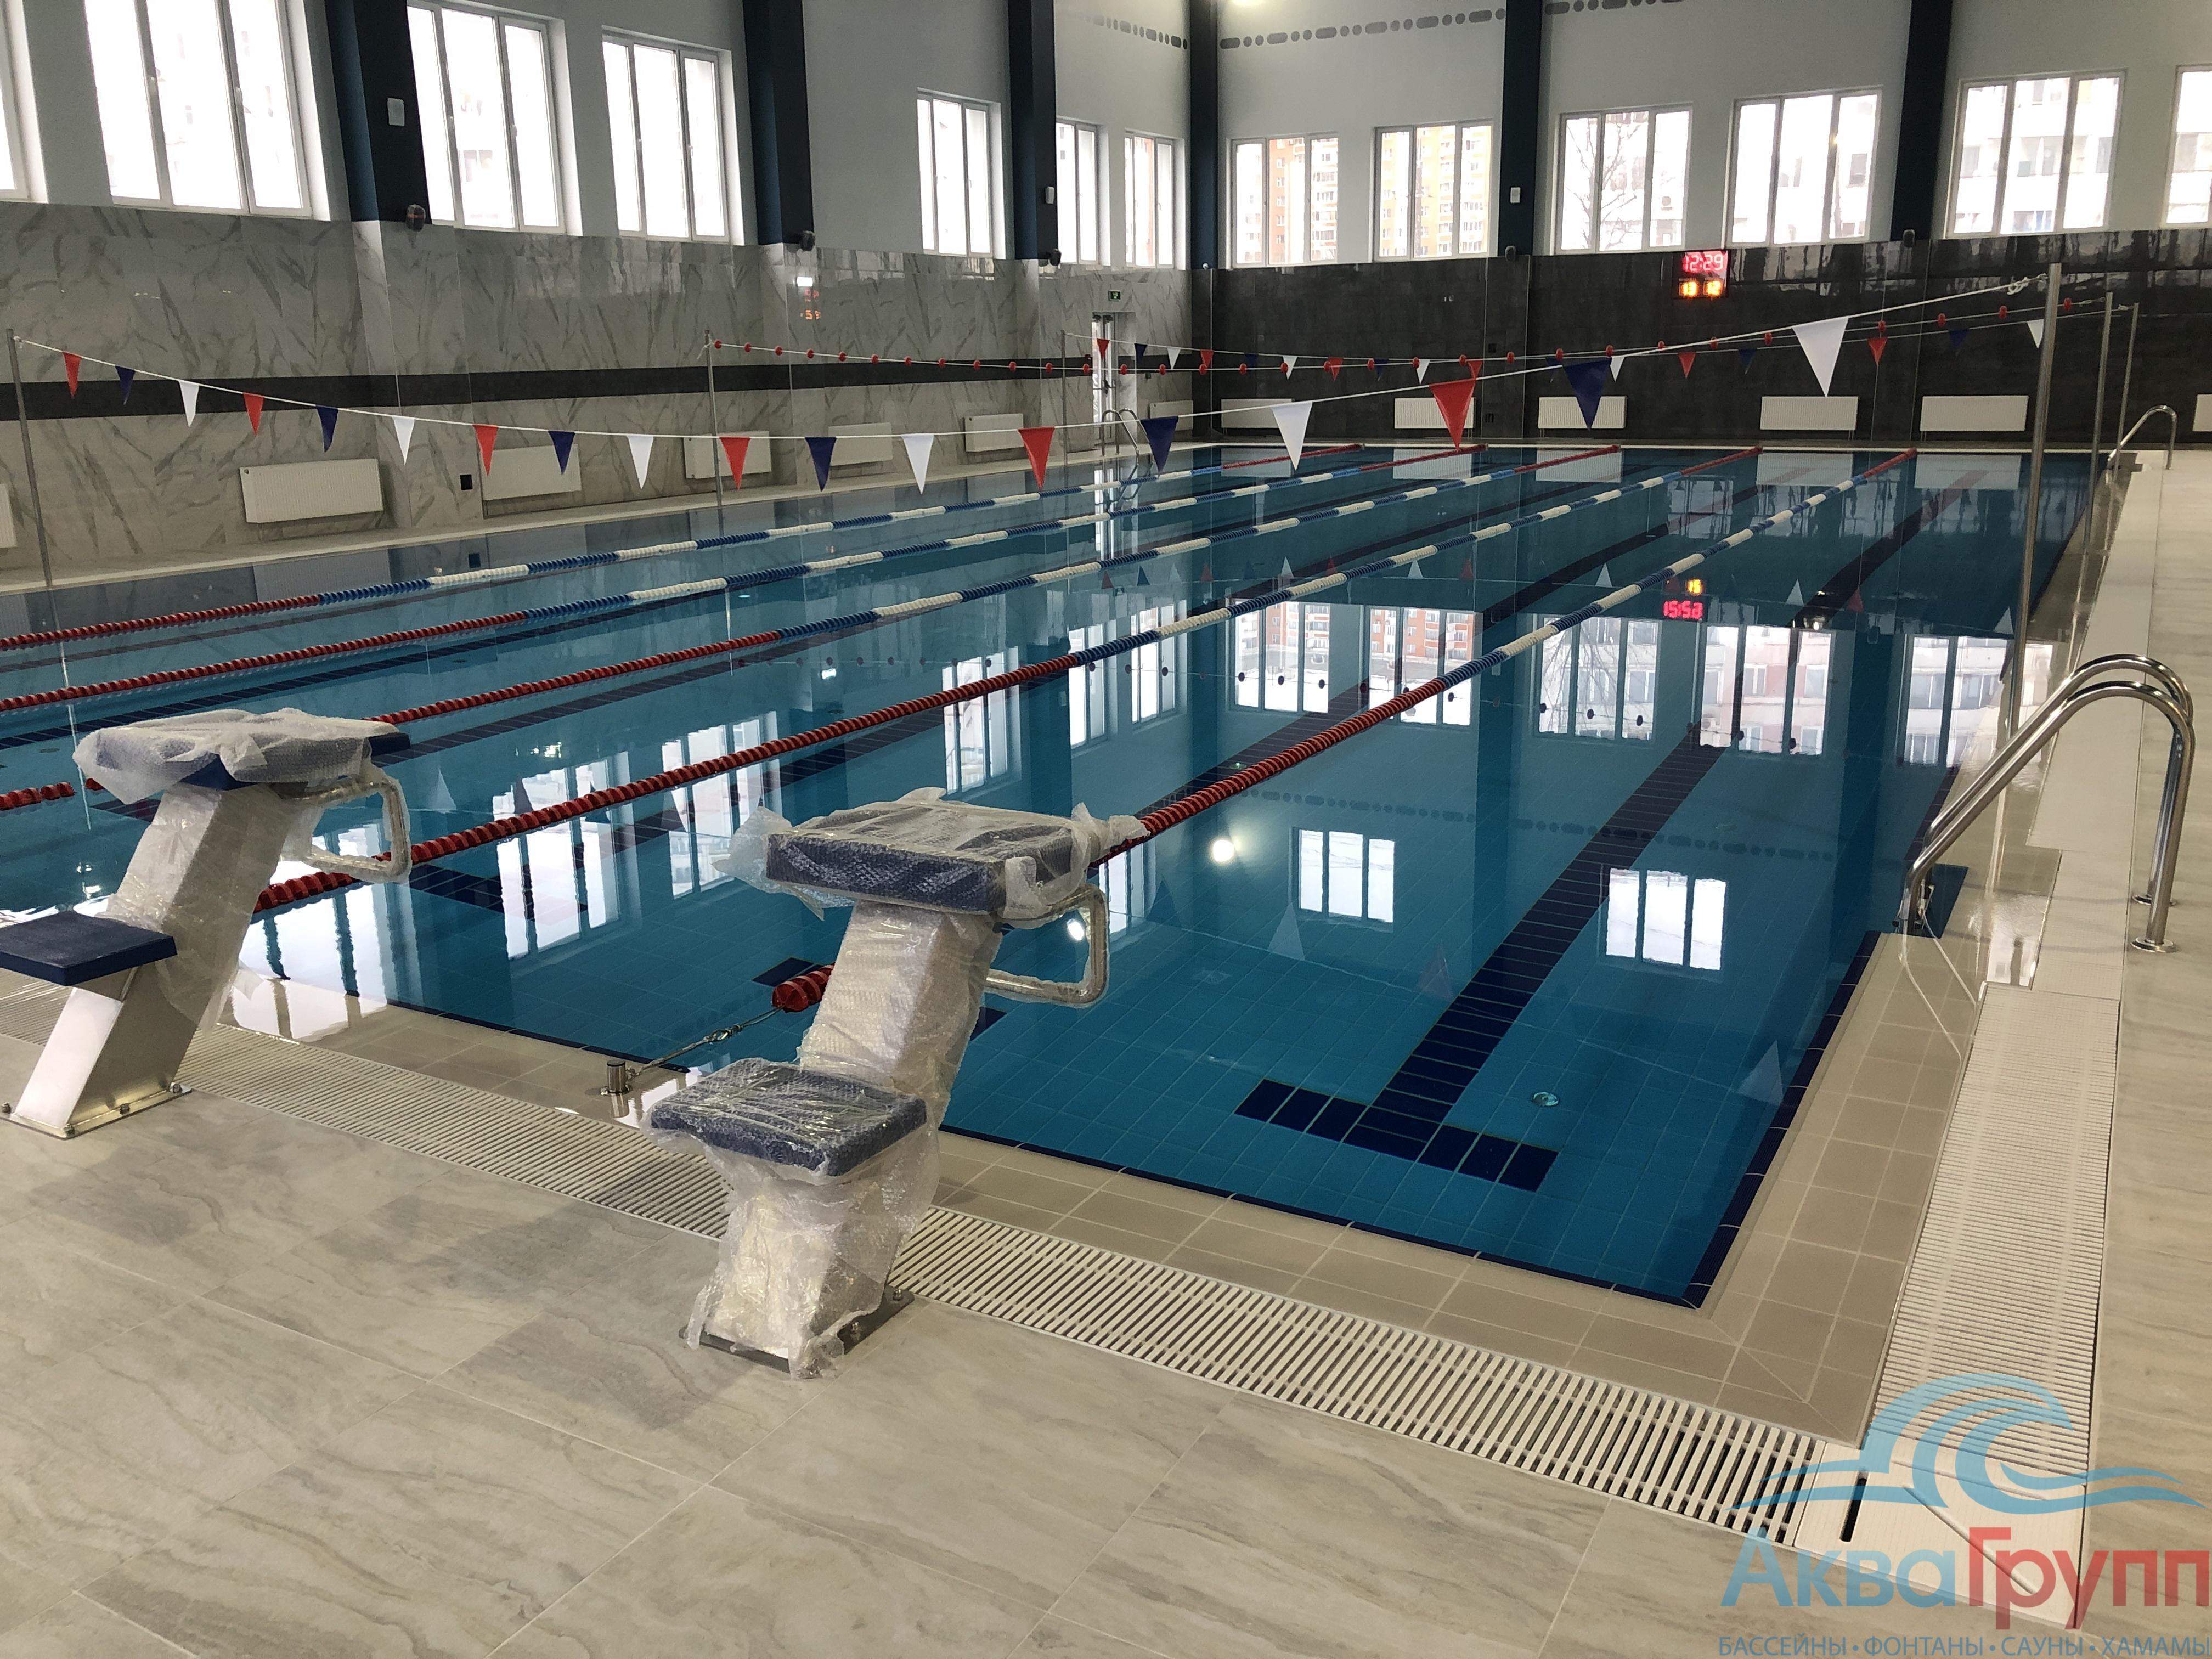 Мегагринн курск бассейн фото